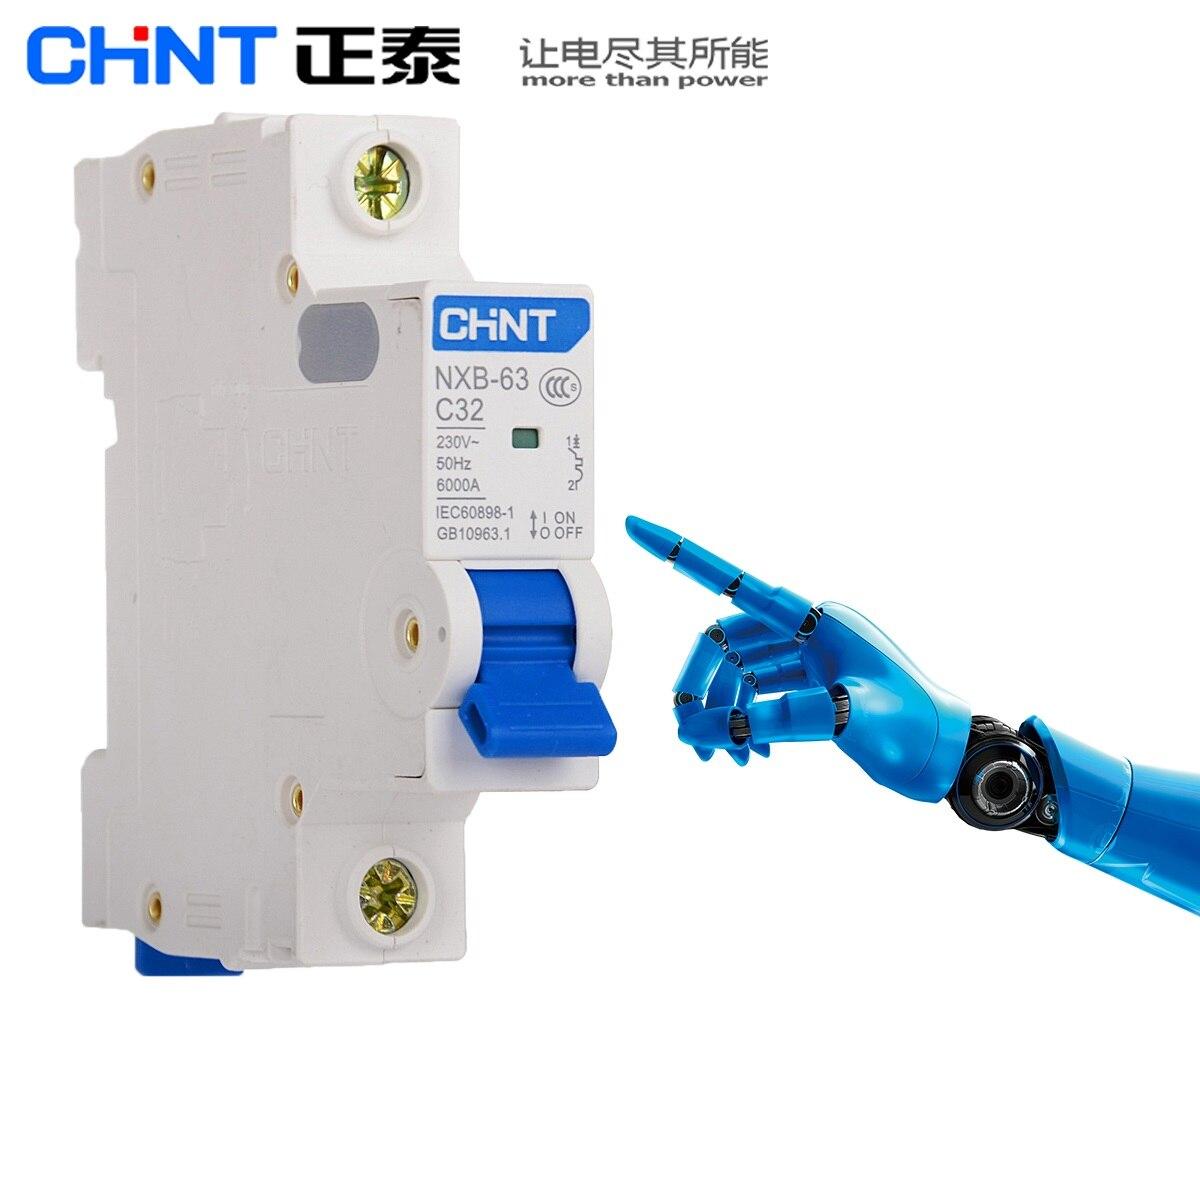 CHINT NXB-63 1A 2A 3A 6A 10A 16A 20A 25A 32A 40A 63A 1 P 2 P 3 P 4 P 230 V 220 V disyuntor miniatura MCB nuevo DZ47